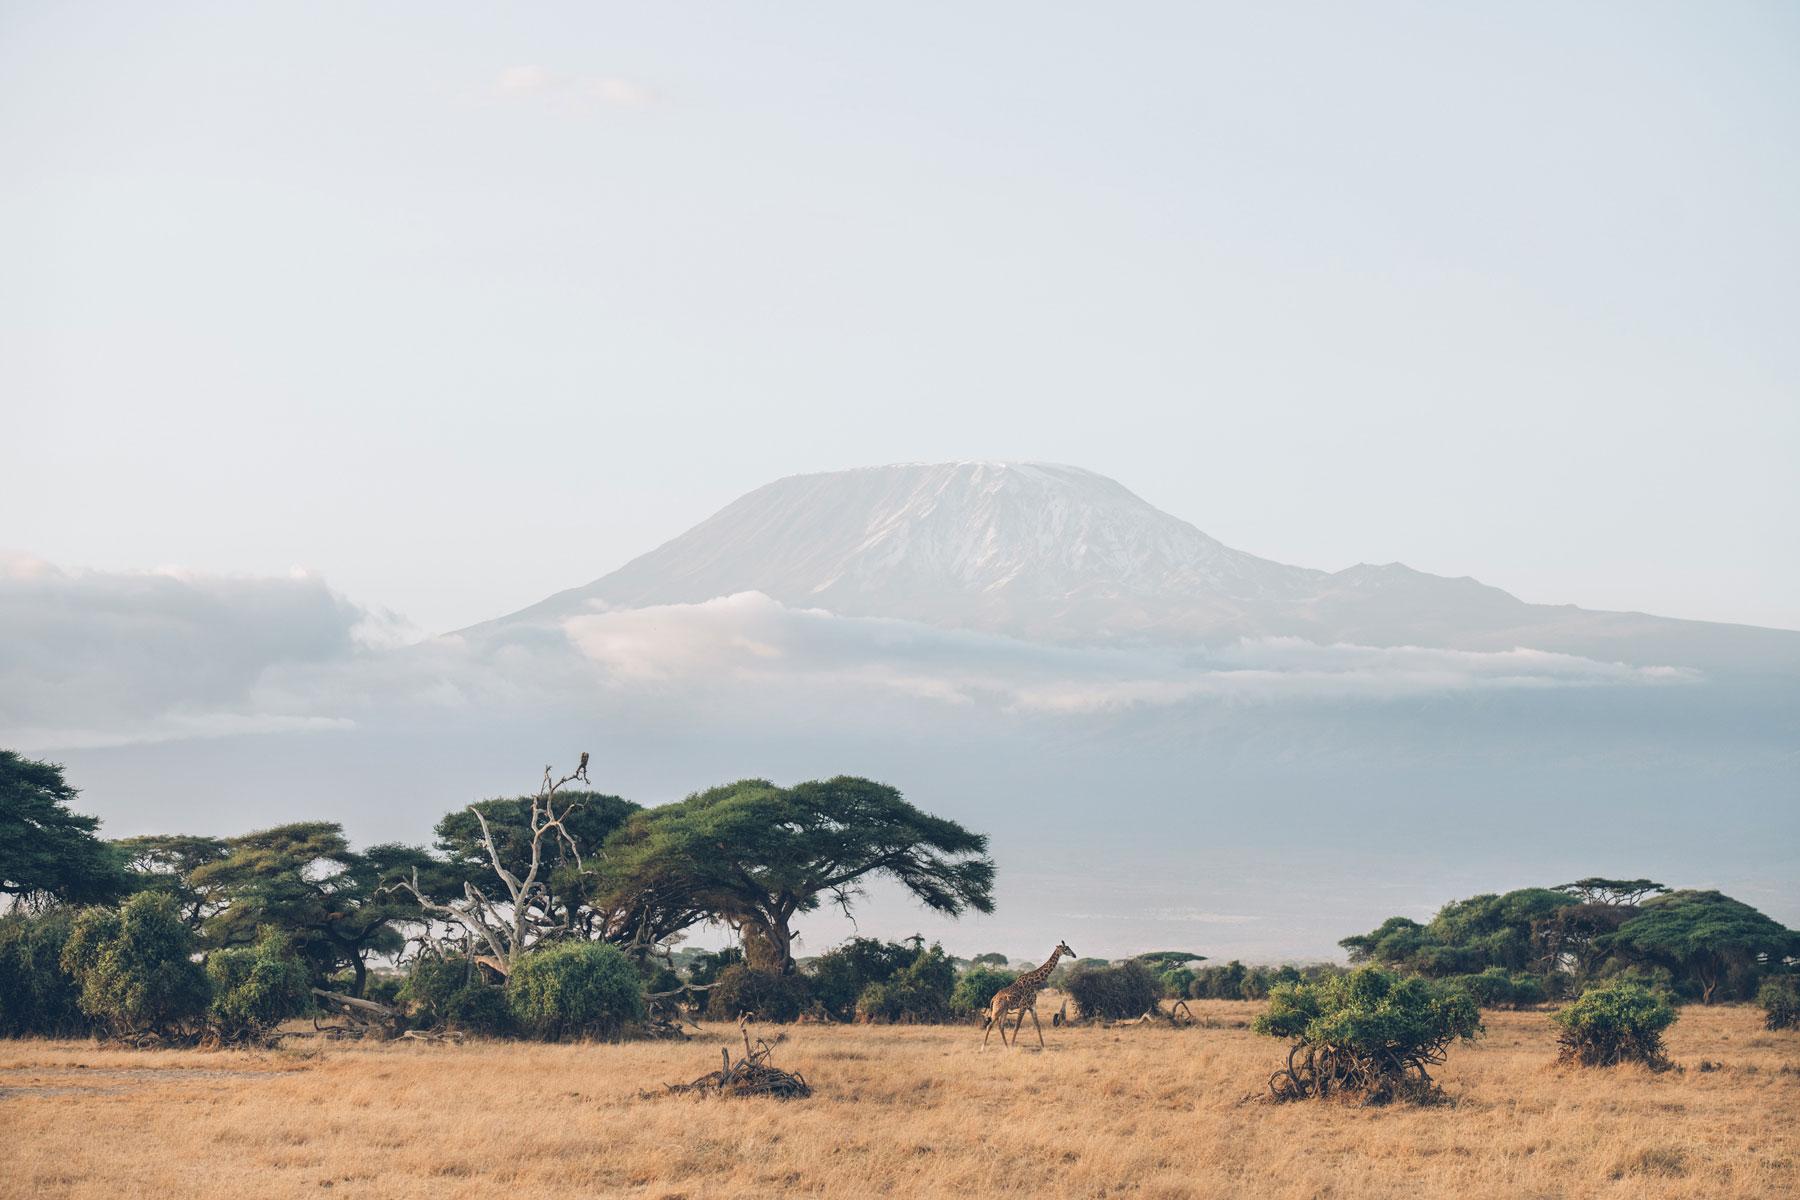 Vue sur le Kilimandjaro depuis le parc national d'Amboseli, Kenya